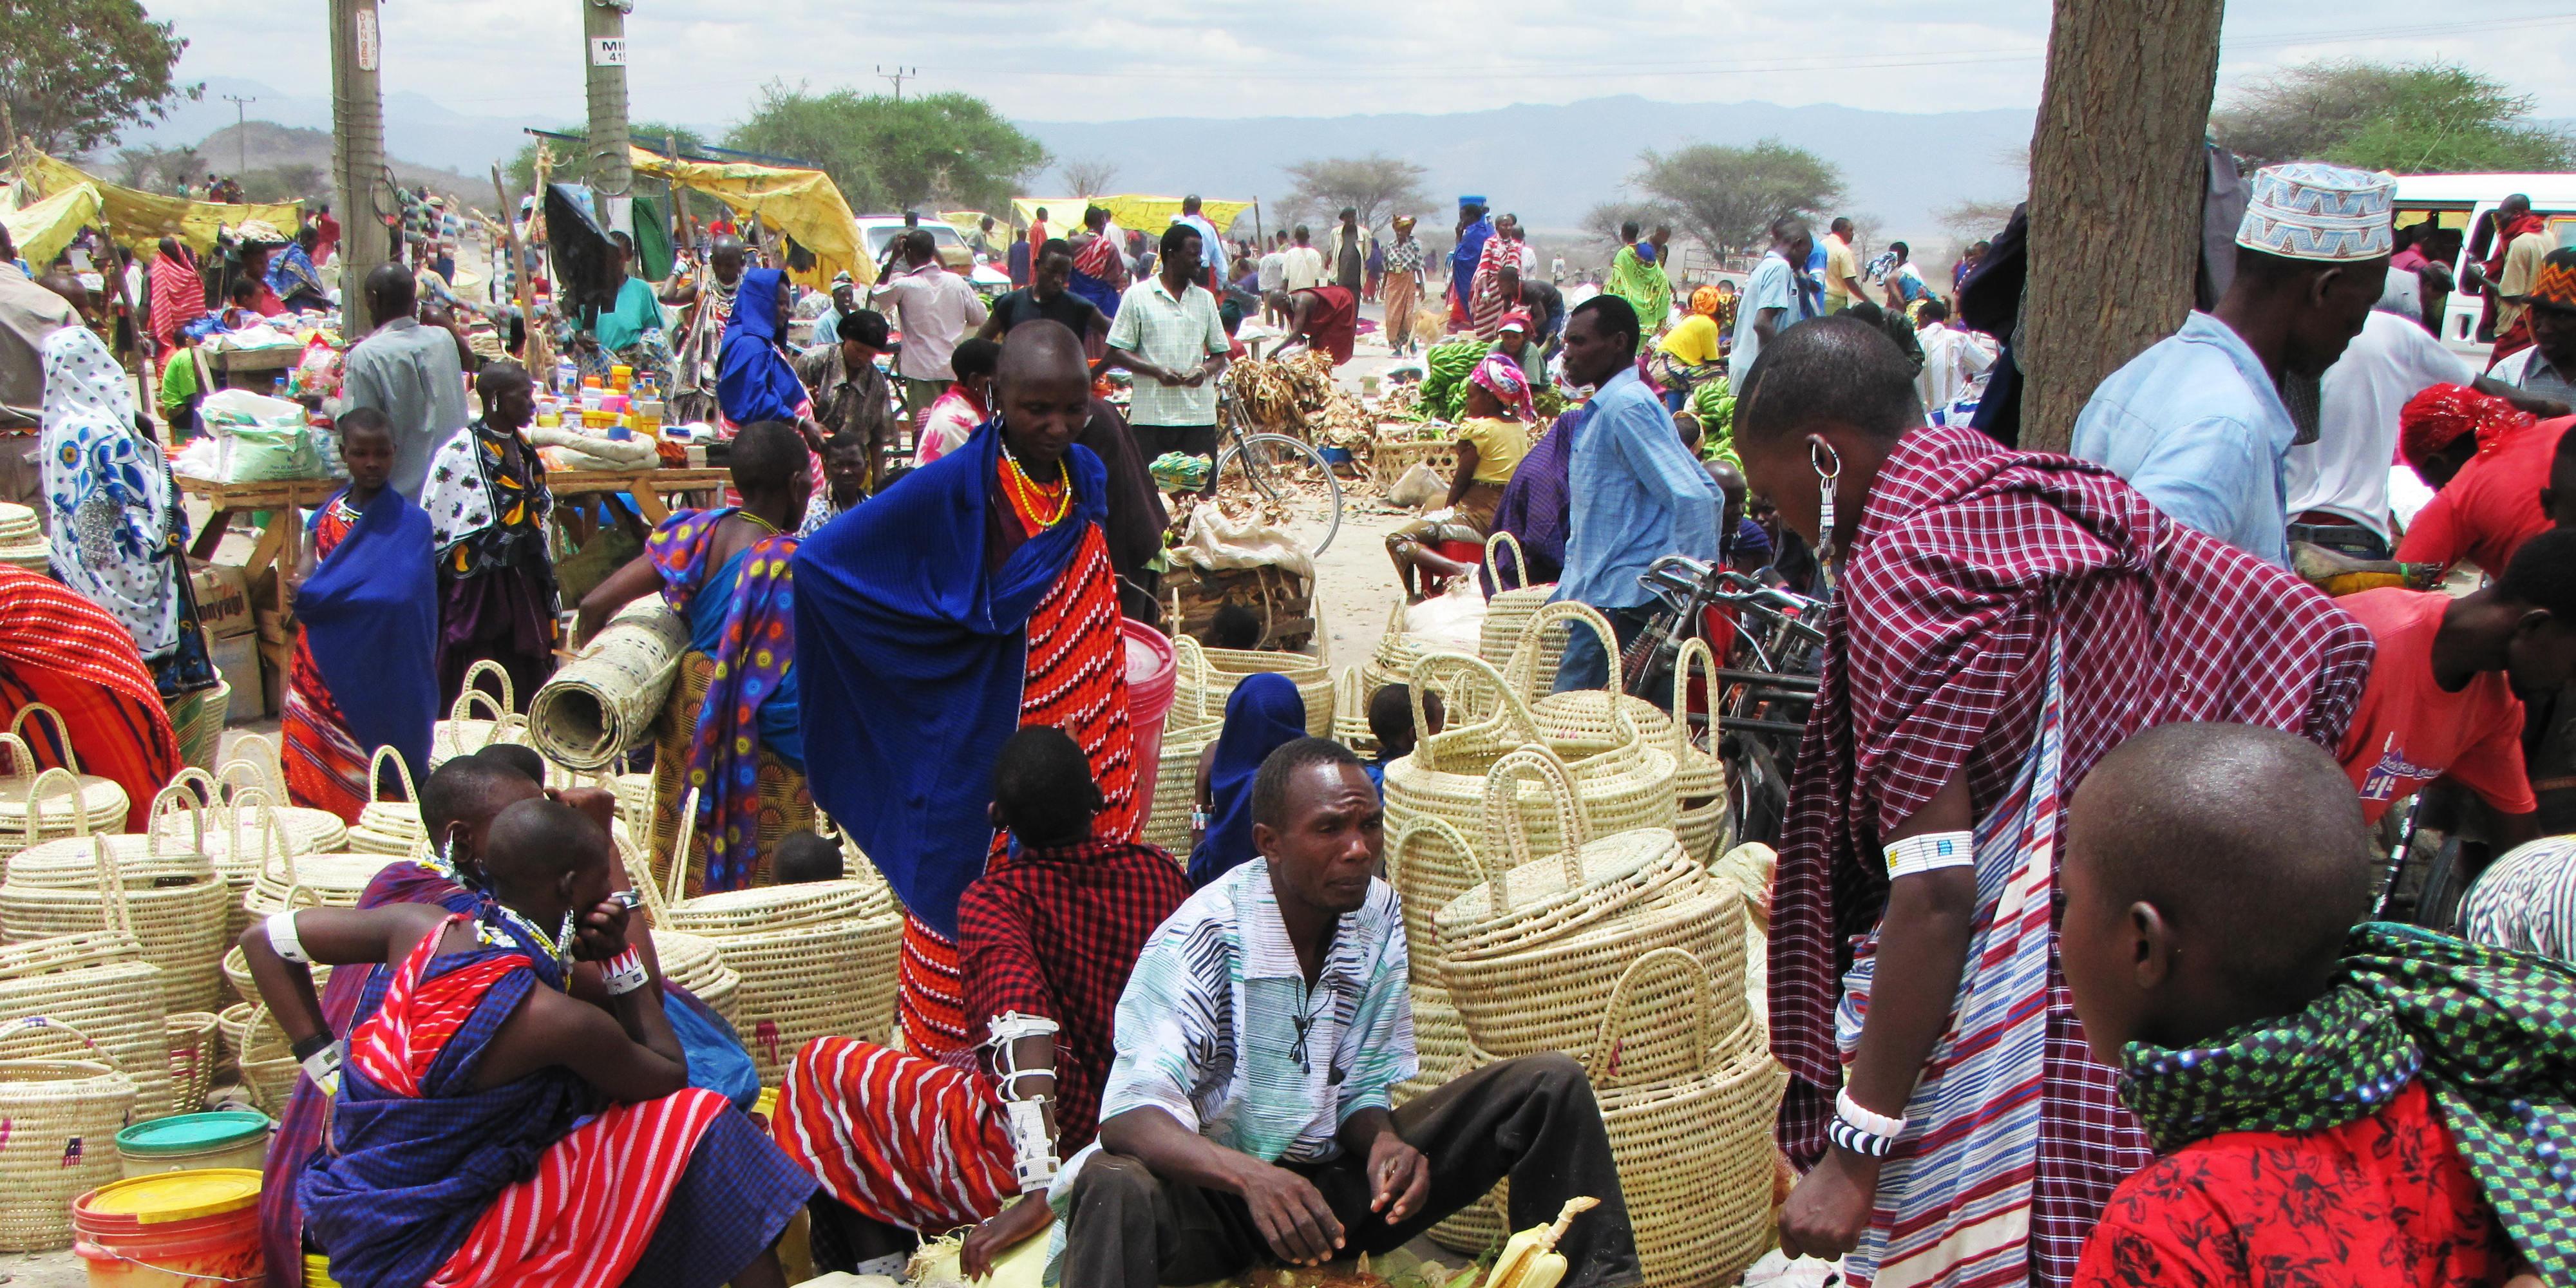 tanzania people